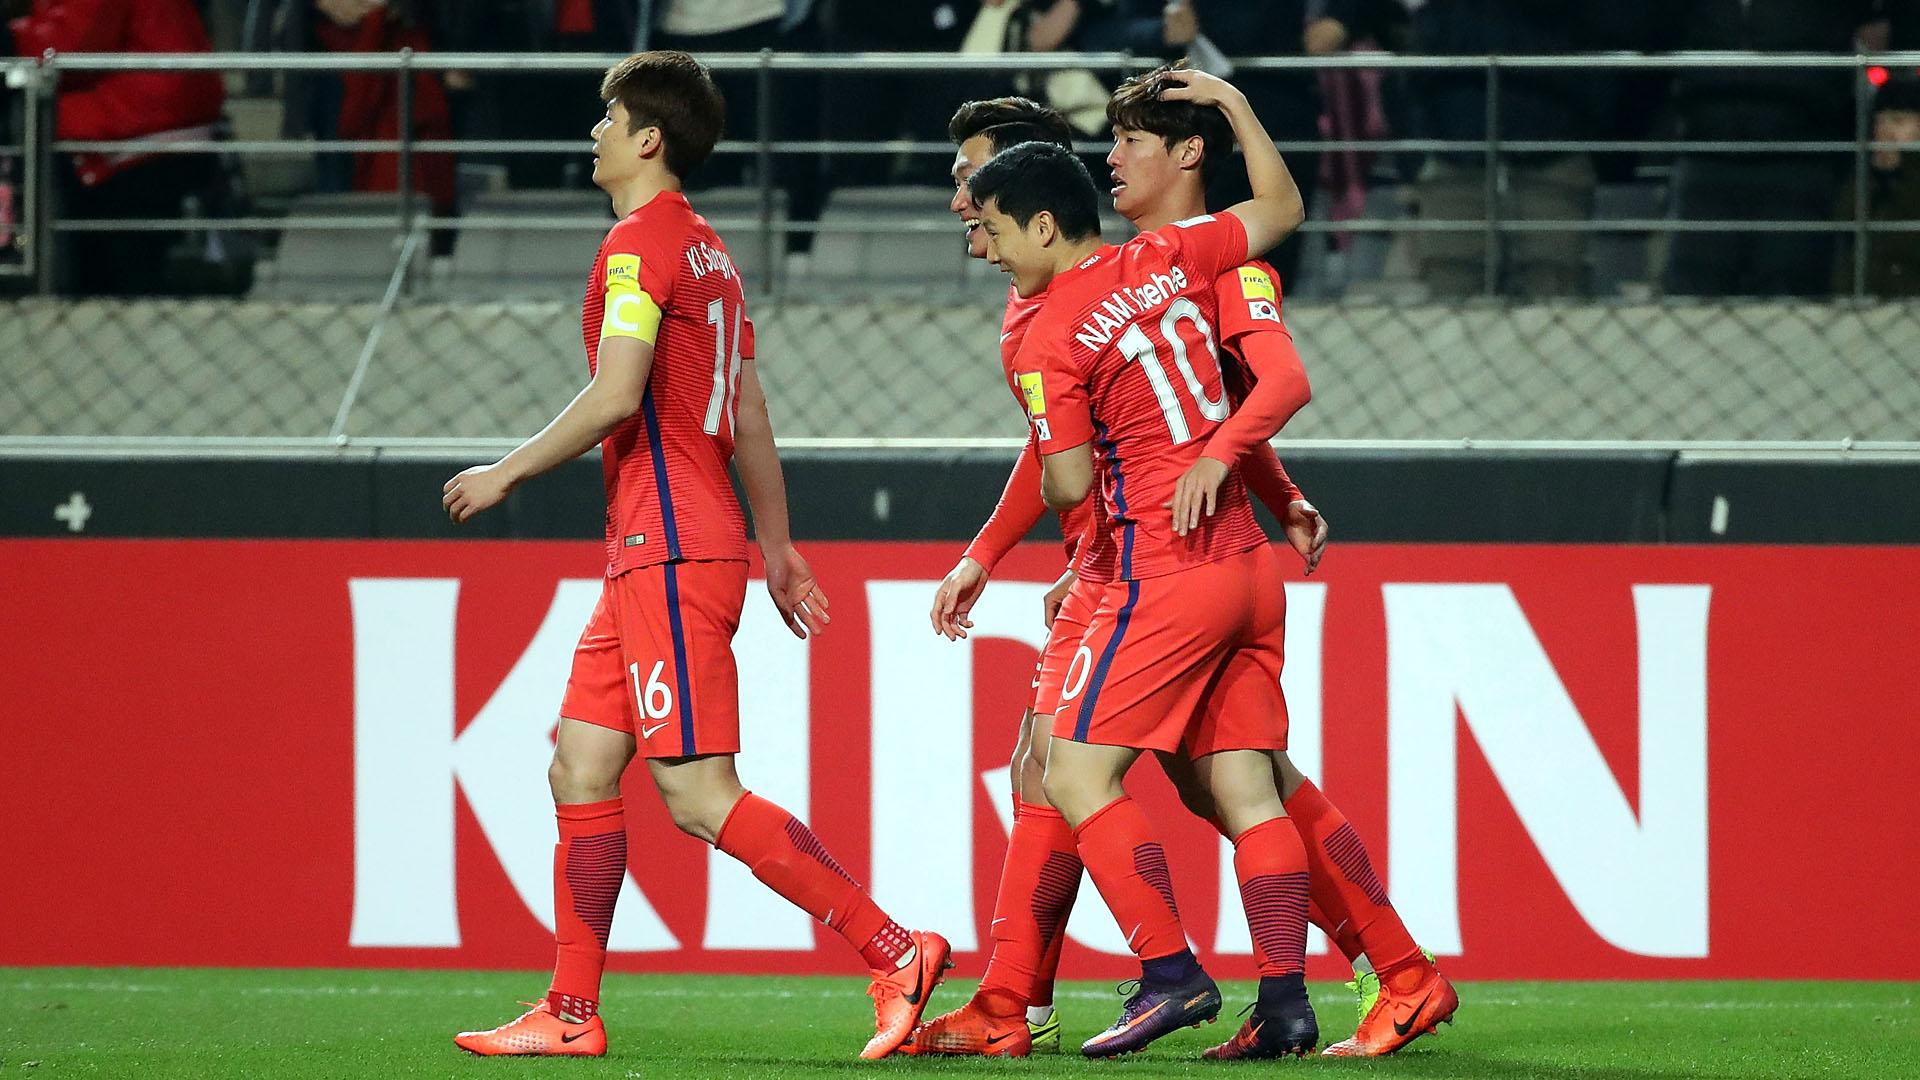 Jeong-Ho comemora gol pela Coreia do Sul (Photo by Chung Sung-Jun/Getty Images)